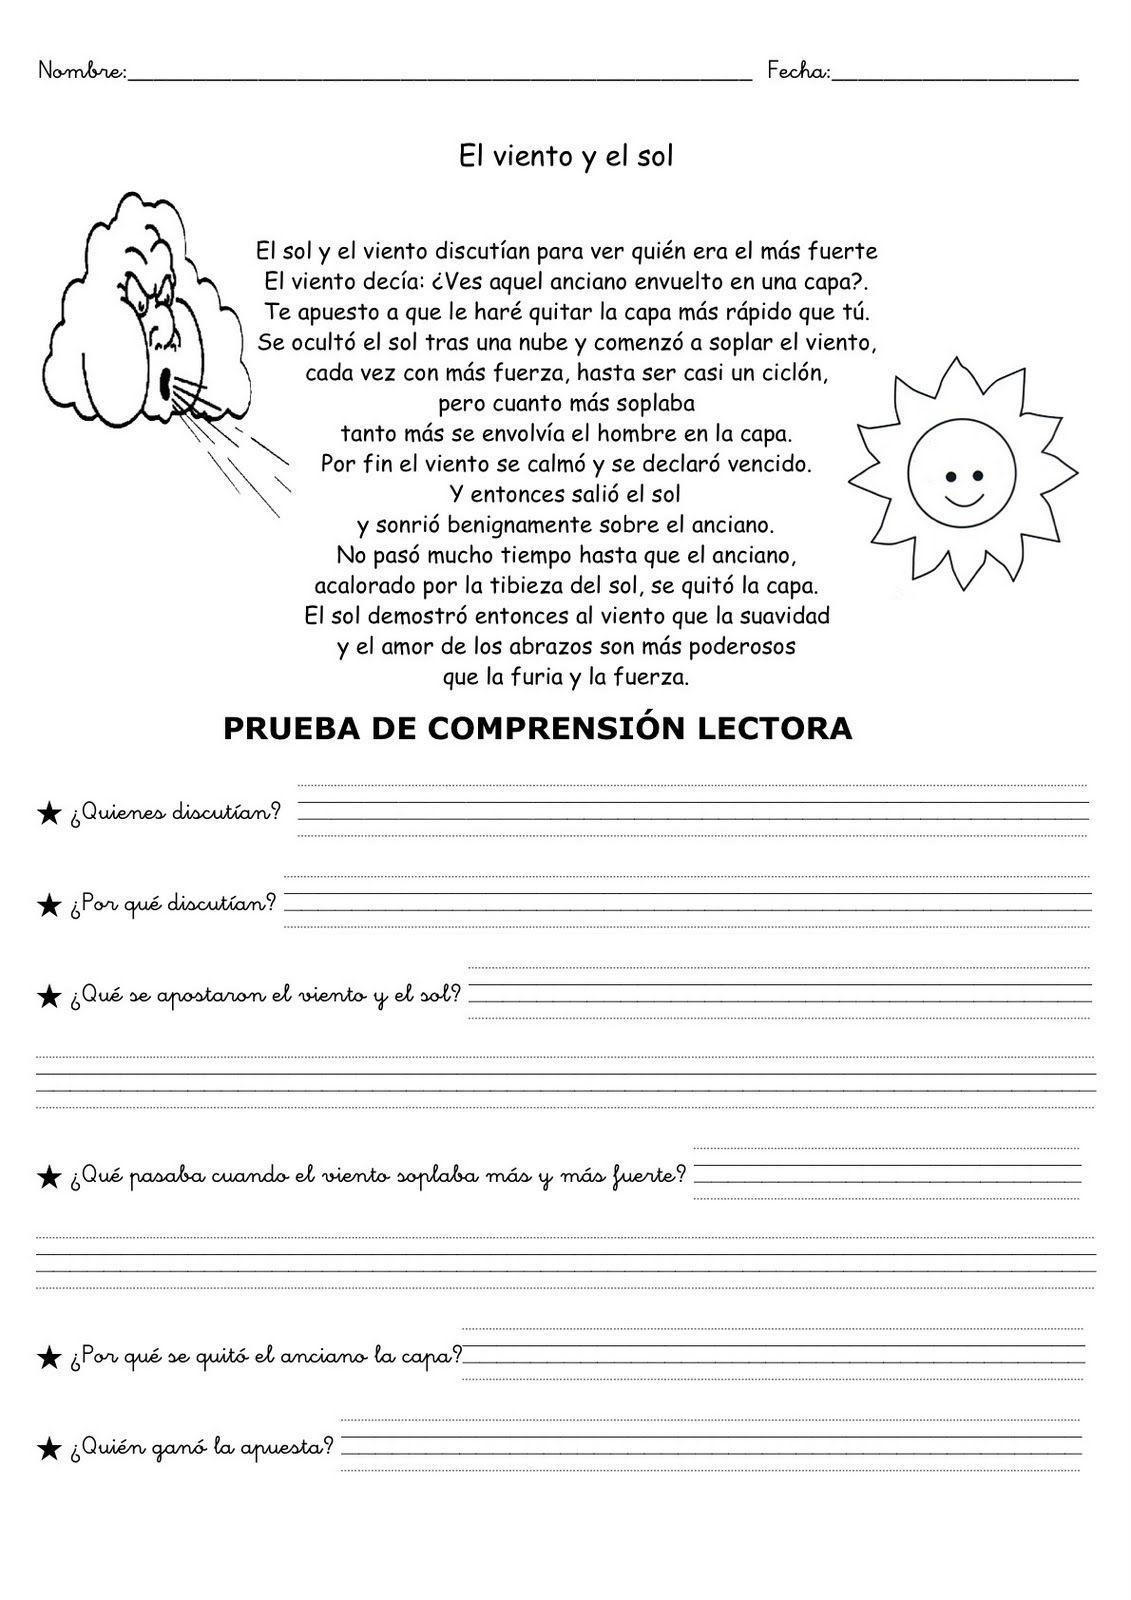 EL VIENTO Y EL SOL-1   Comprensión lectora, Lectura de